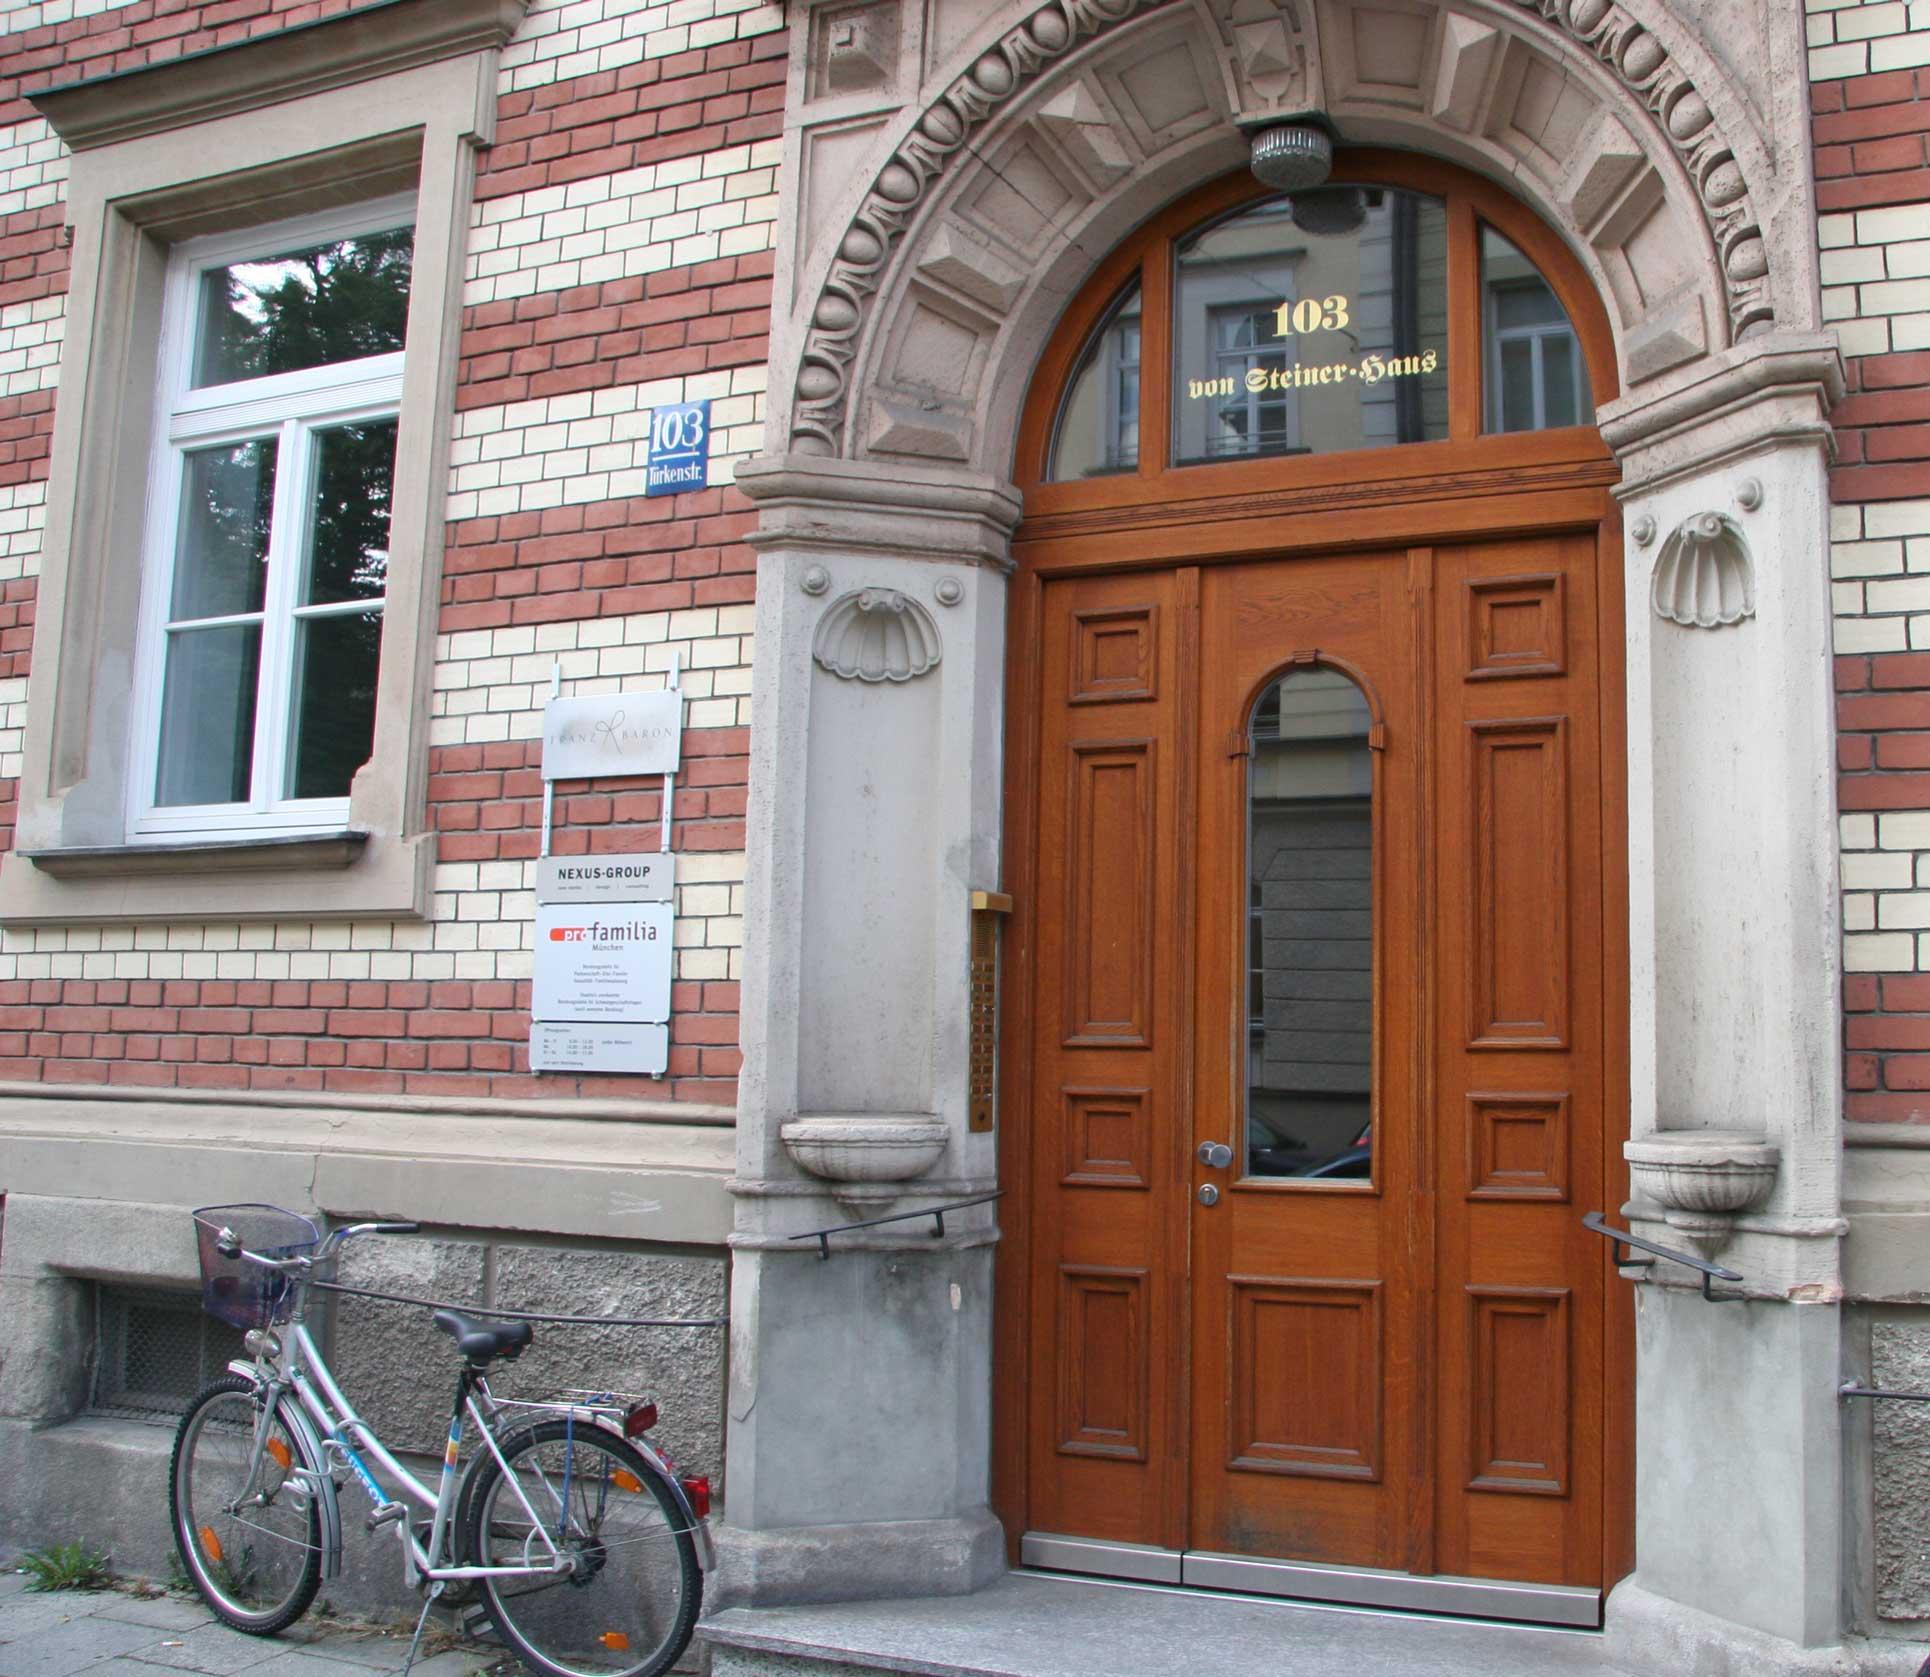 Holzhaustüre in eiche nach Historischer Anlehnung gefertigt , München Maxvorstdt Büro und Wohnhaus um 1889